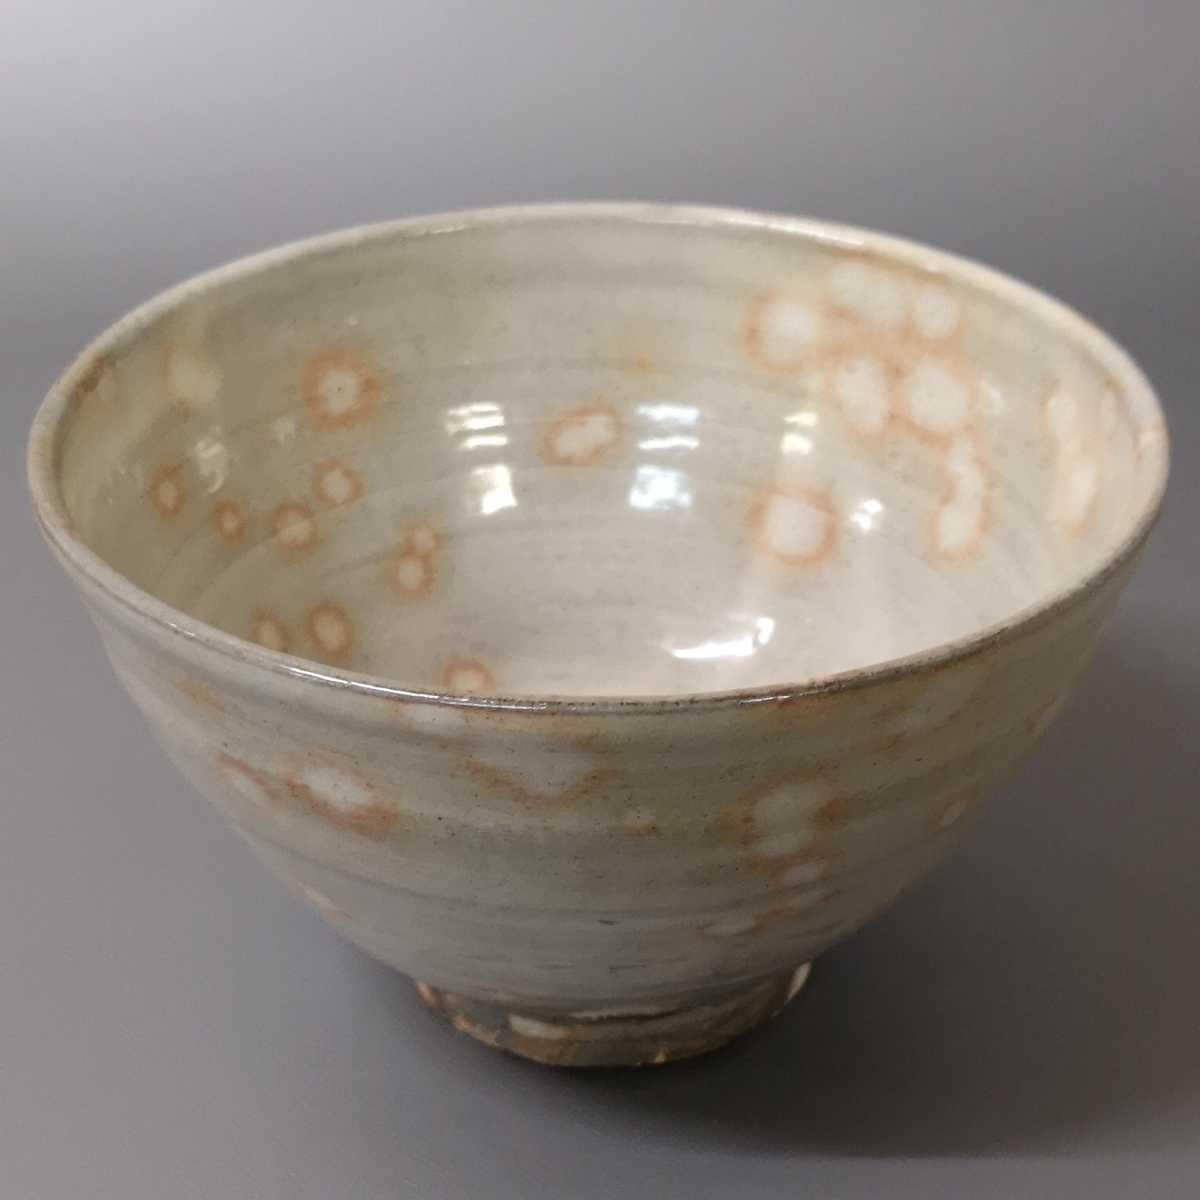 想28)萩焼 山根清玩 御飯茶碗 飯碗 未使用新品 同梱歓迎_画像8